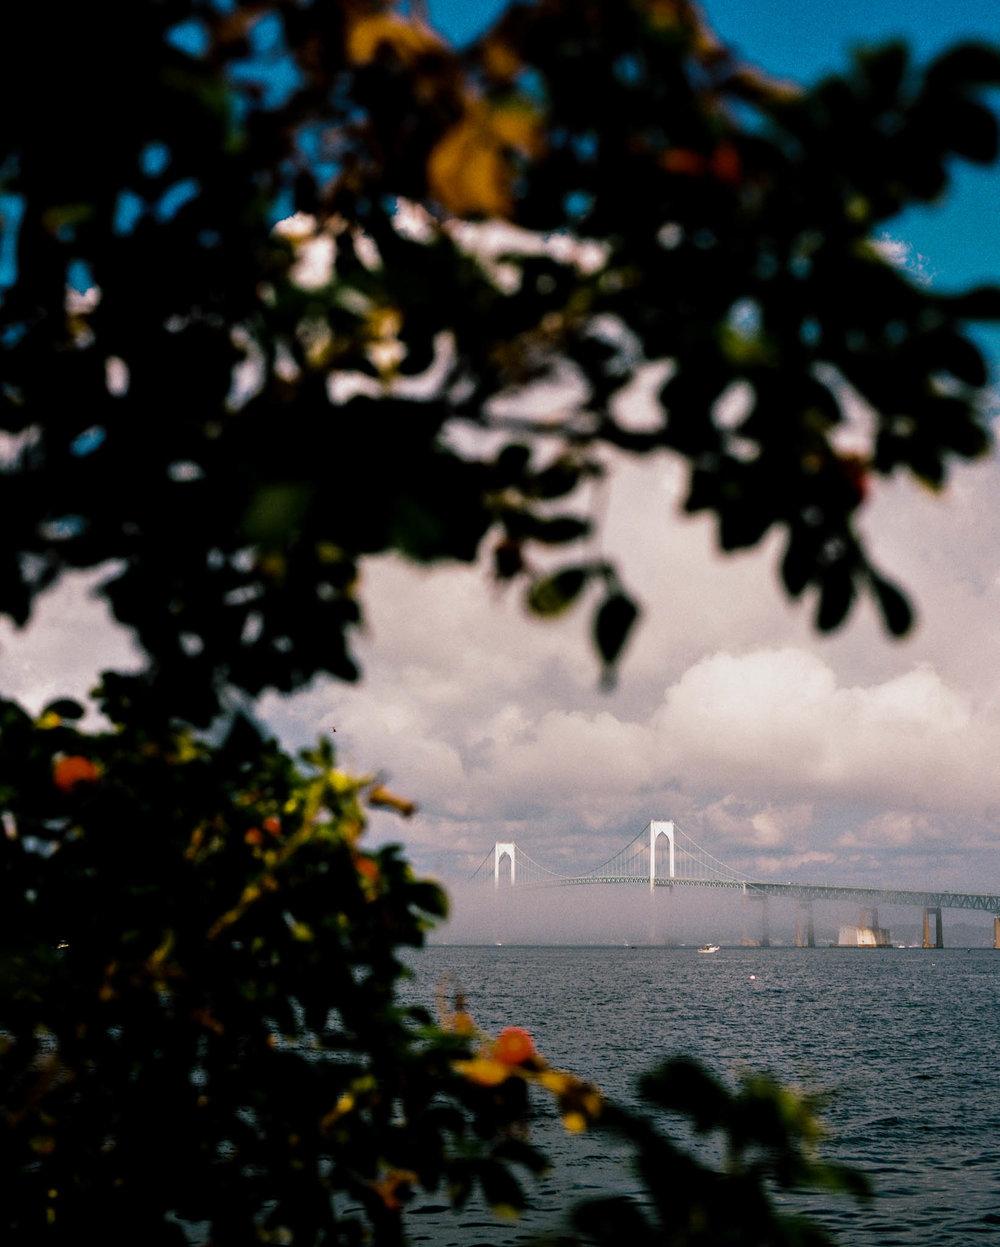 newport-rhode-island-traveller-photos.jpg